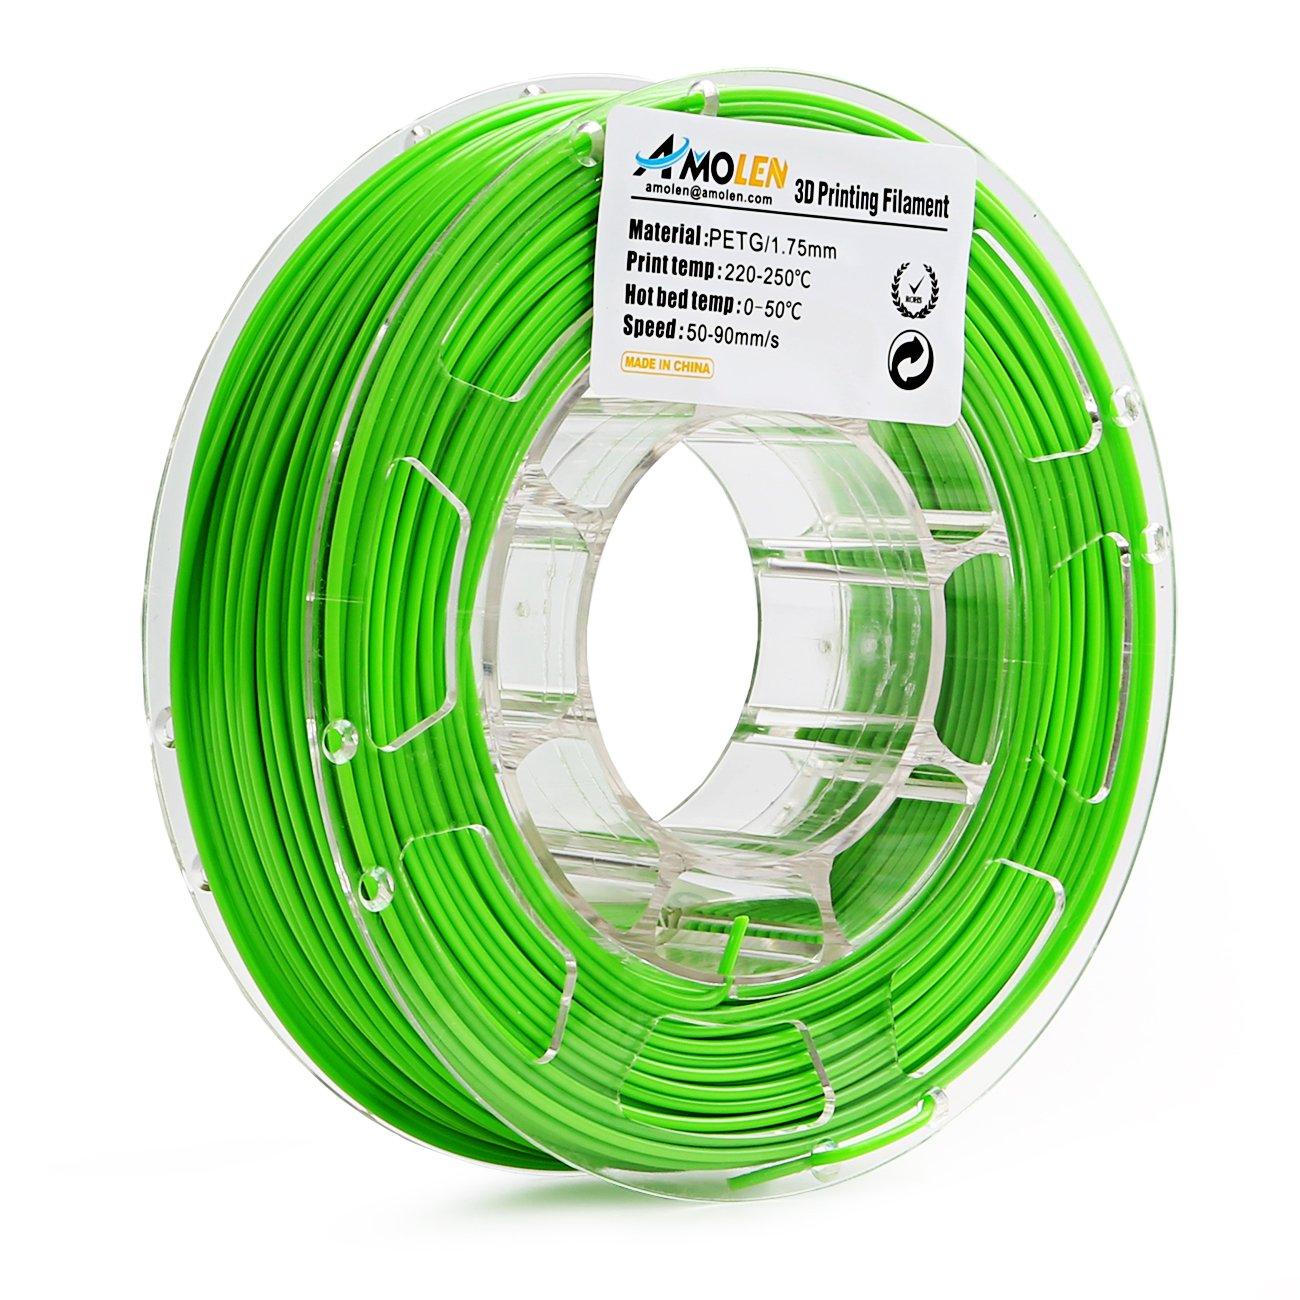 Spool. 0.5LBS AMOLEN 3D Printer Filament PETG 1.75mm Green +//- 0.03 mm 225g